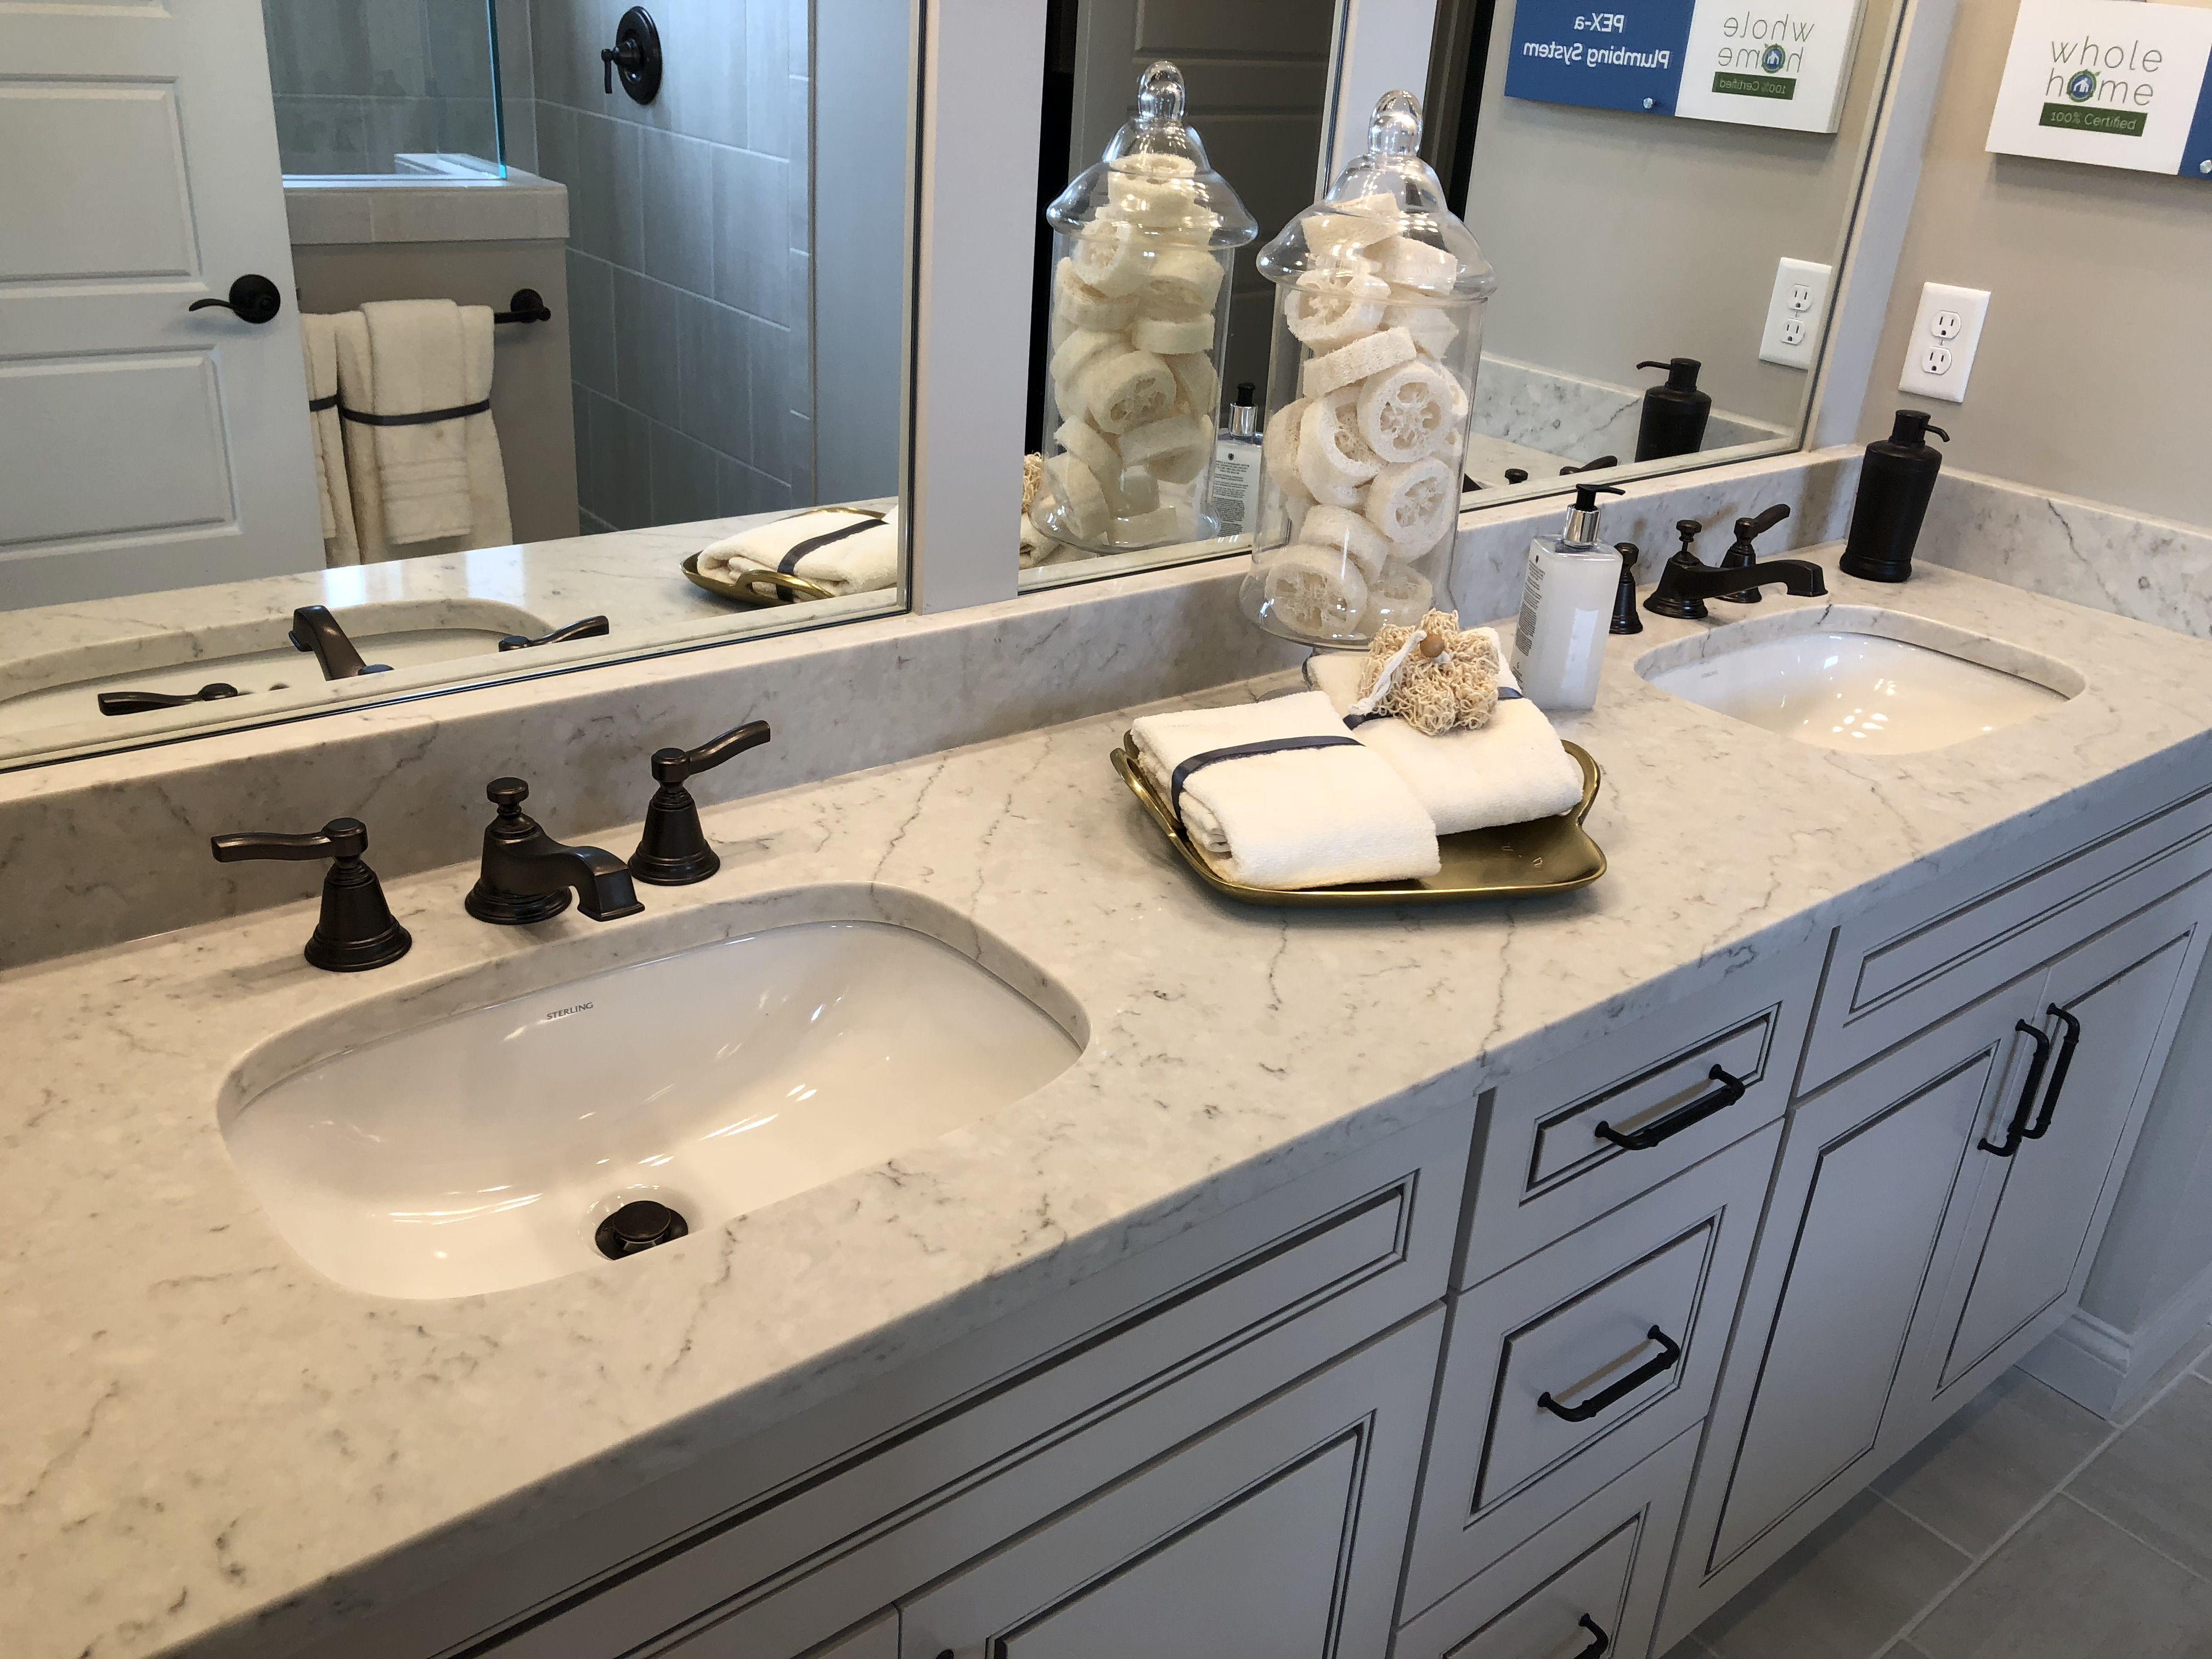 Carrara Caldia Quartz Countertop Quartz Countertops Countertop Remodel Countertops